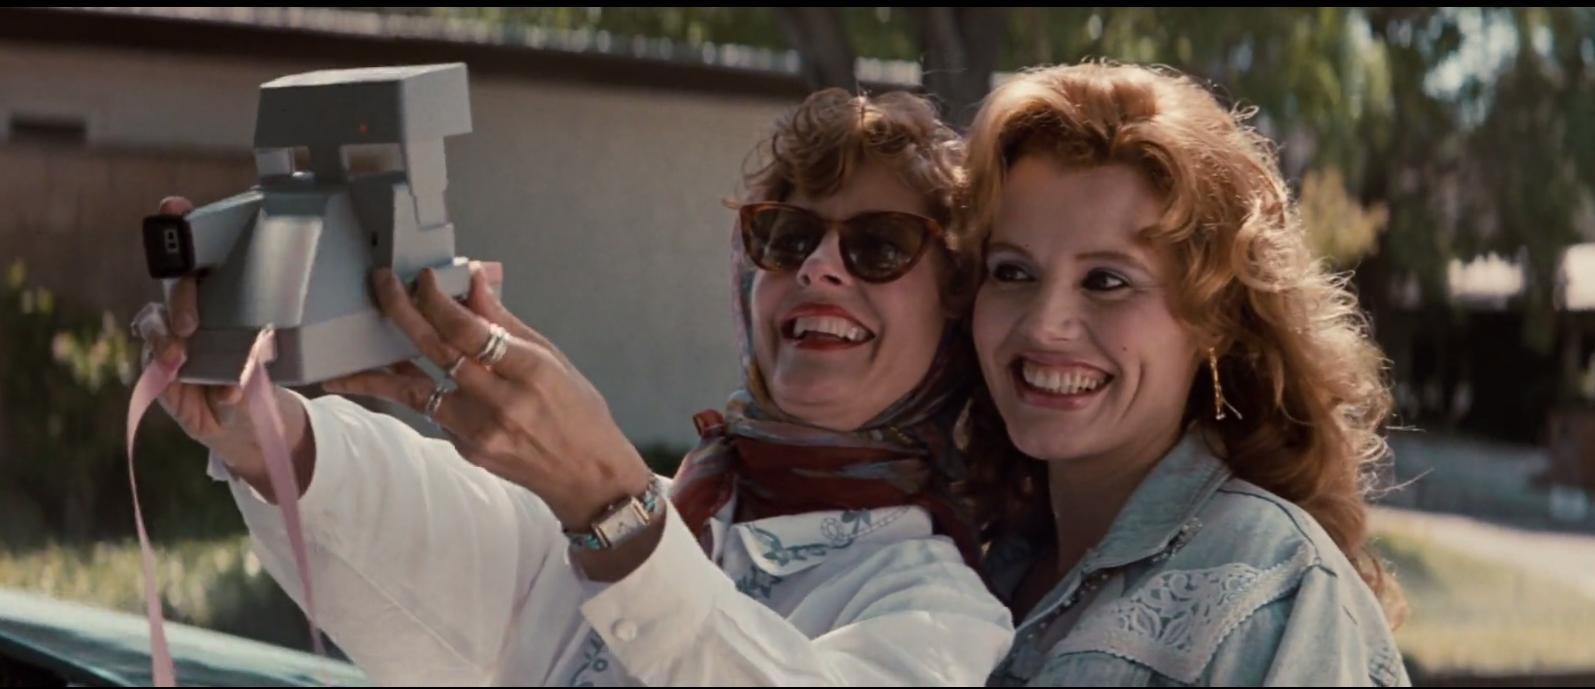 Тельма и Луиза (Thelma & Louise) 1991